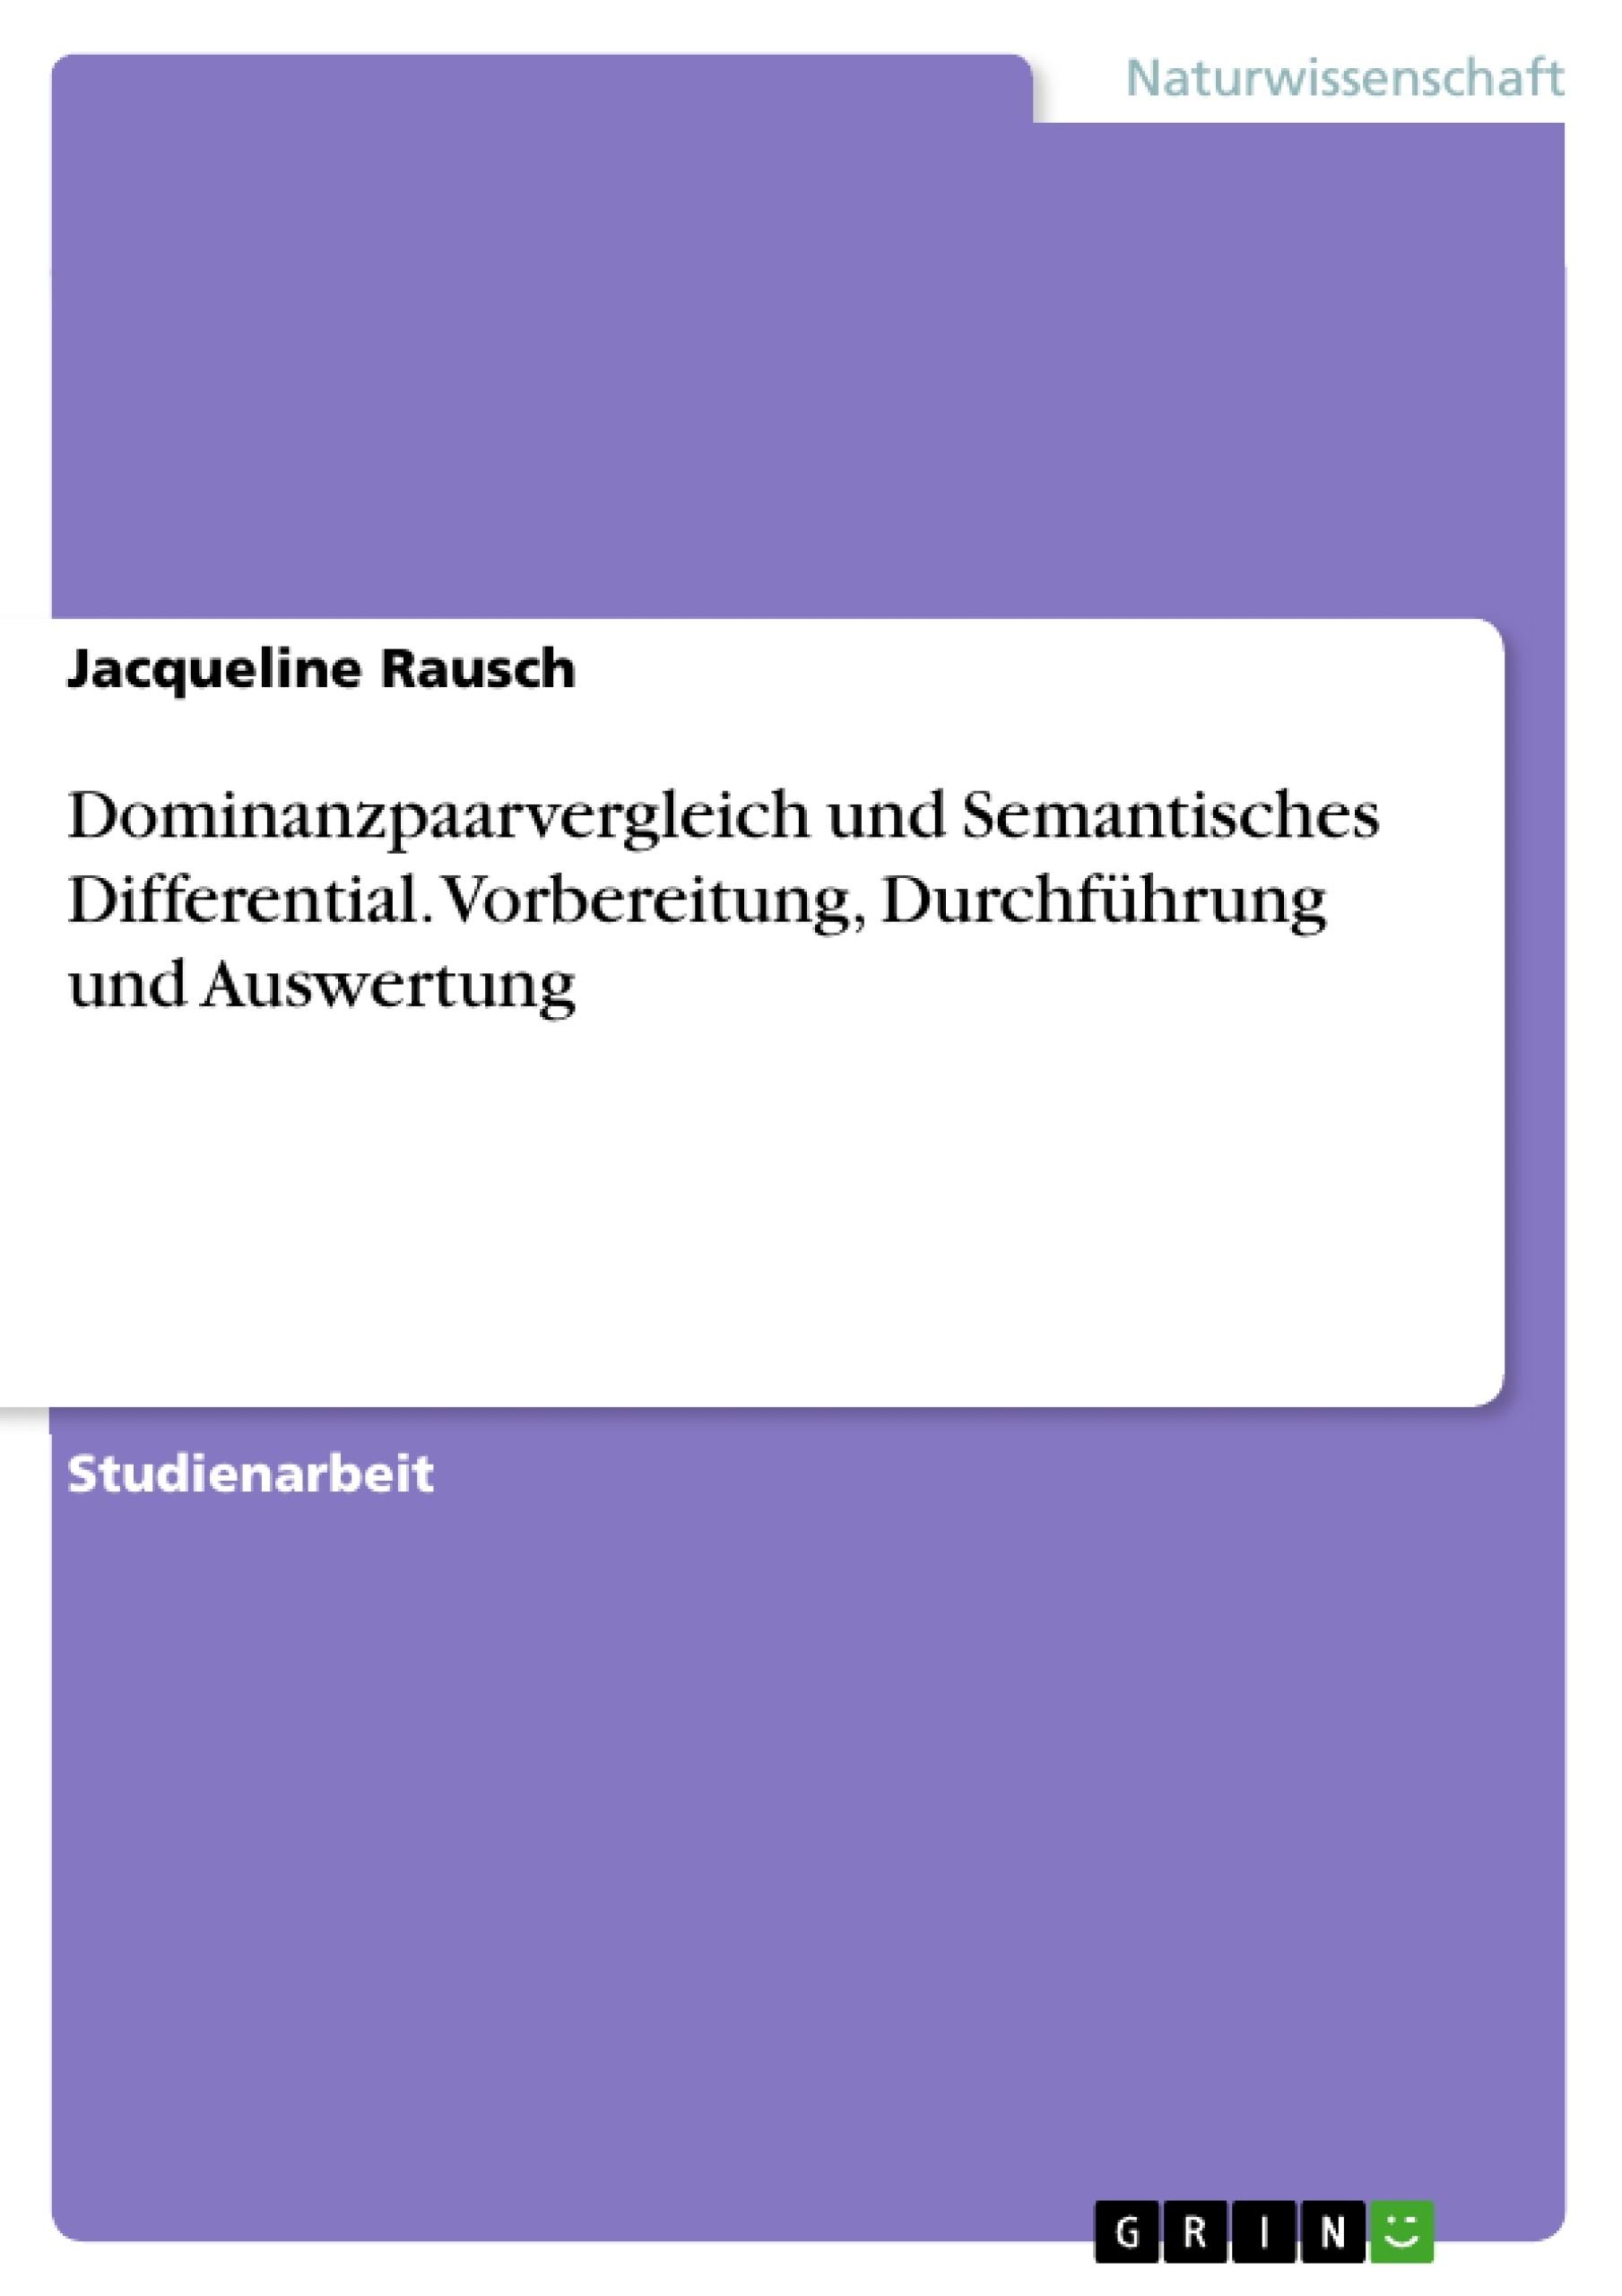 Titel: Dominanzpaarvergleich und Semantisches Differential. Vorbereitung, Durchführung und Auswertung